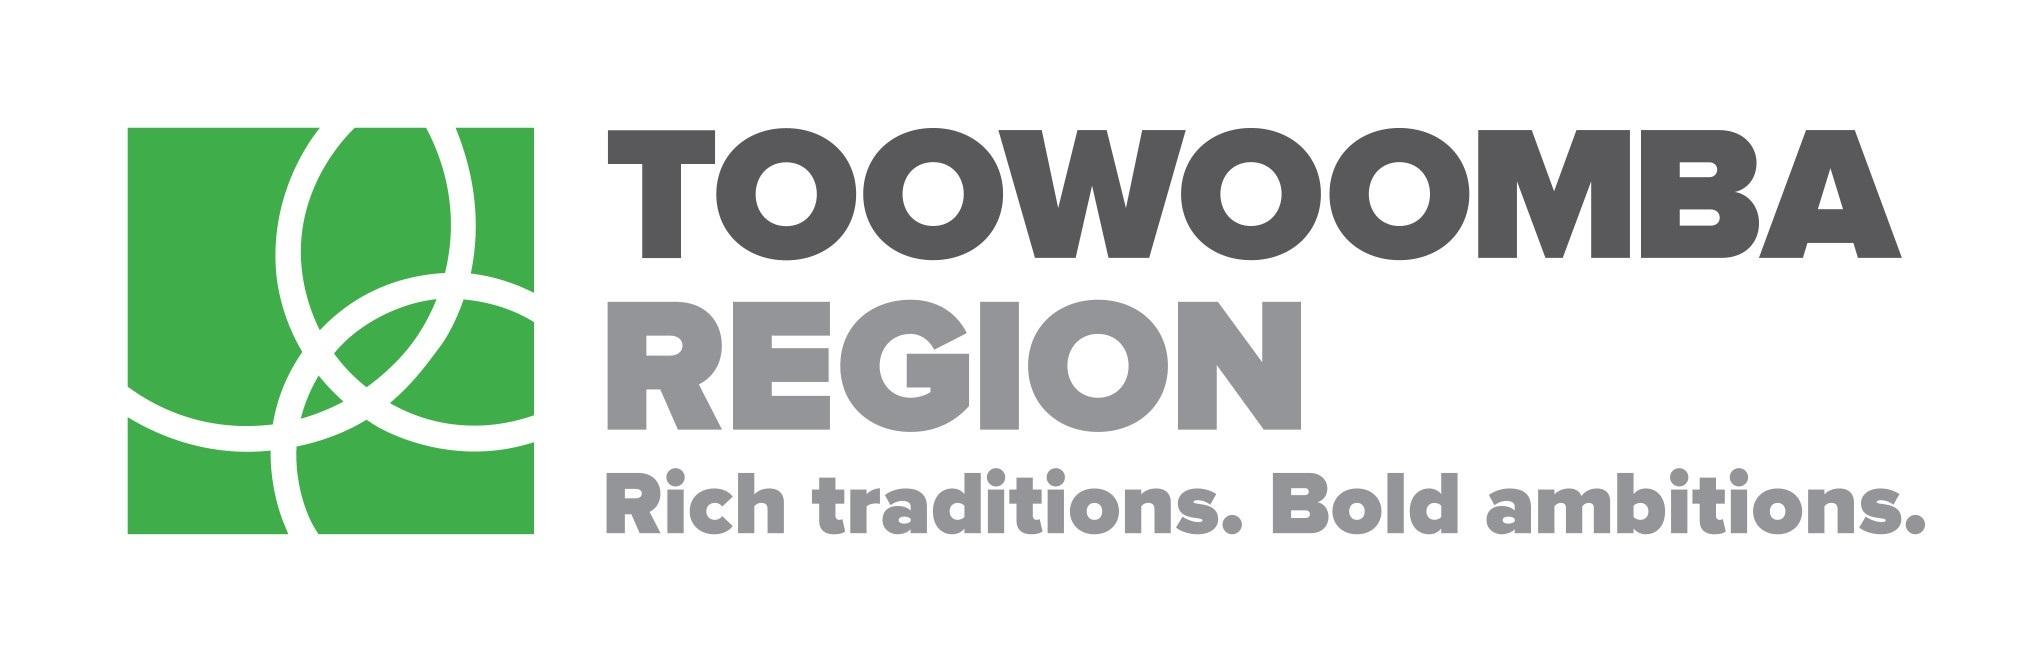 Toowoomba Region logo